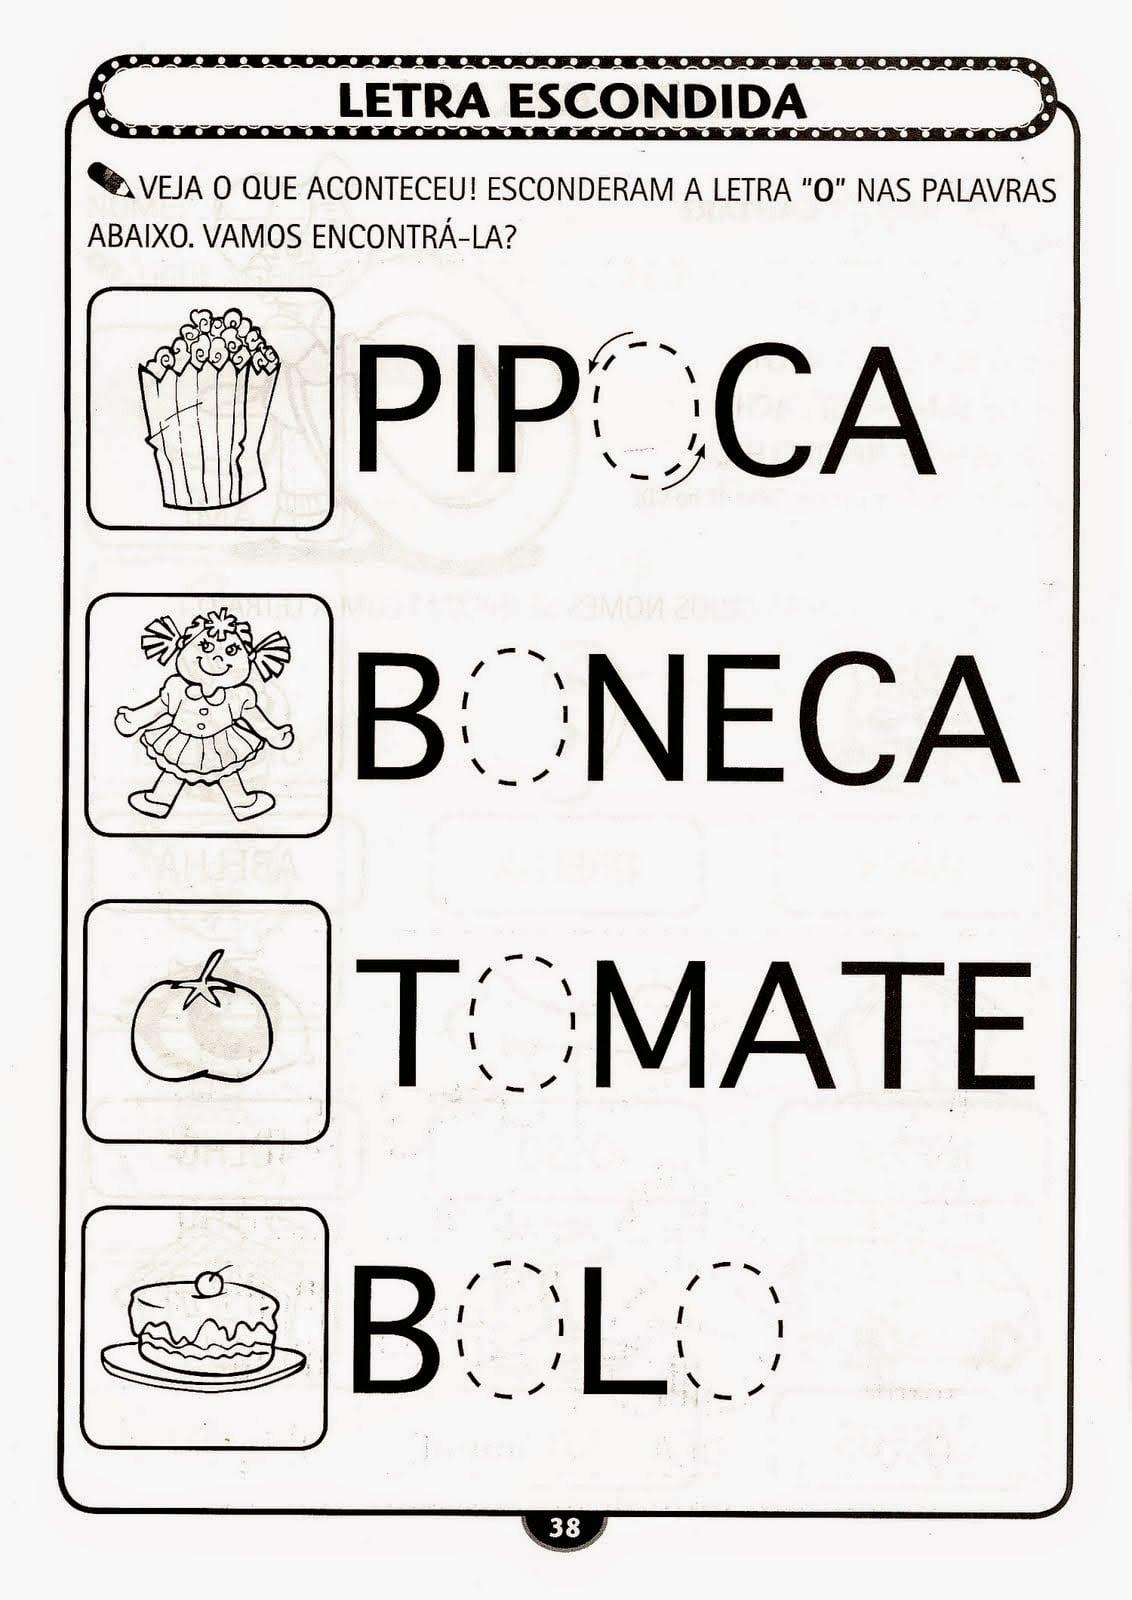 Atividades Pedagogicas Para Imprimir Qe82